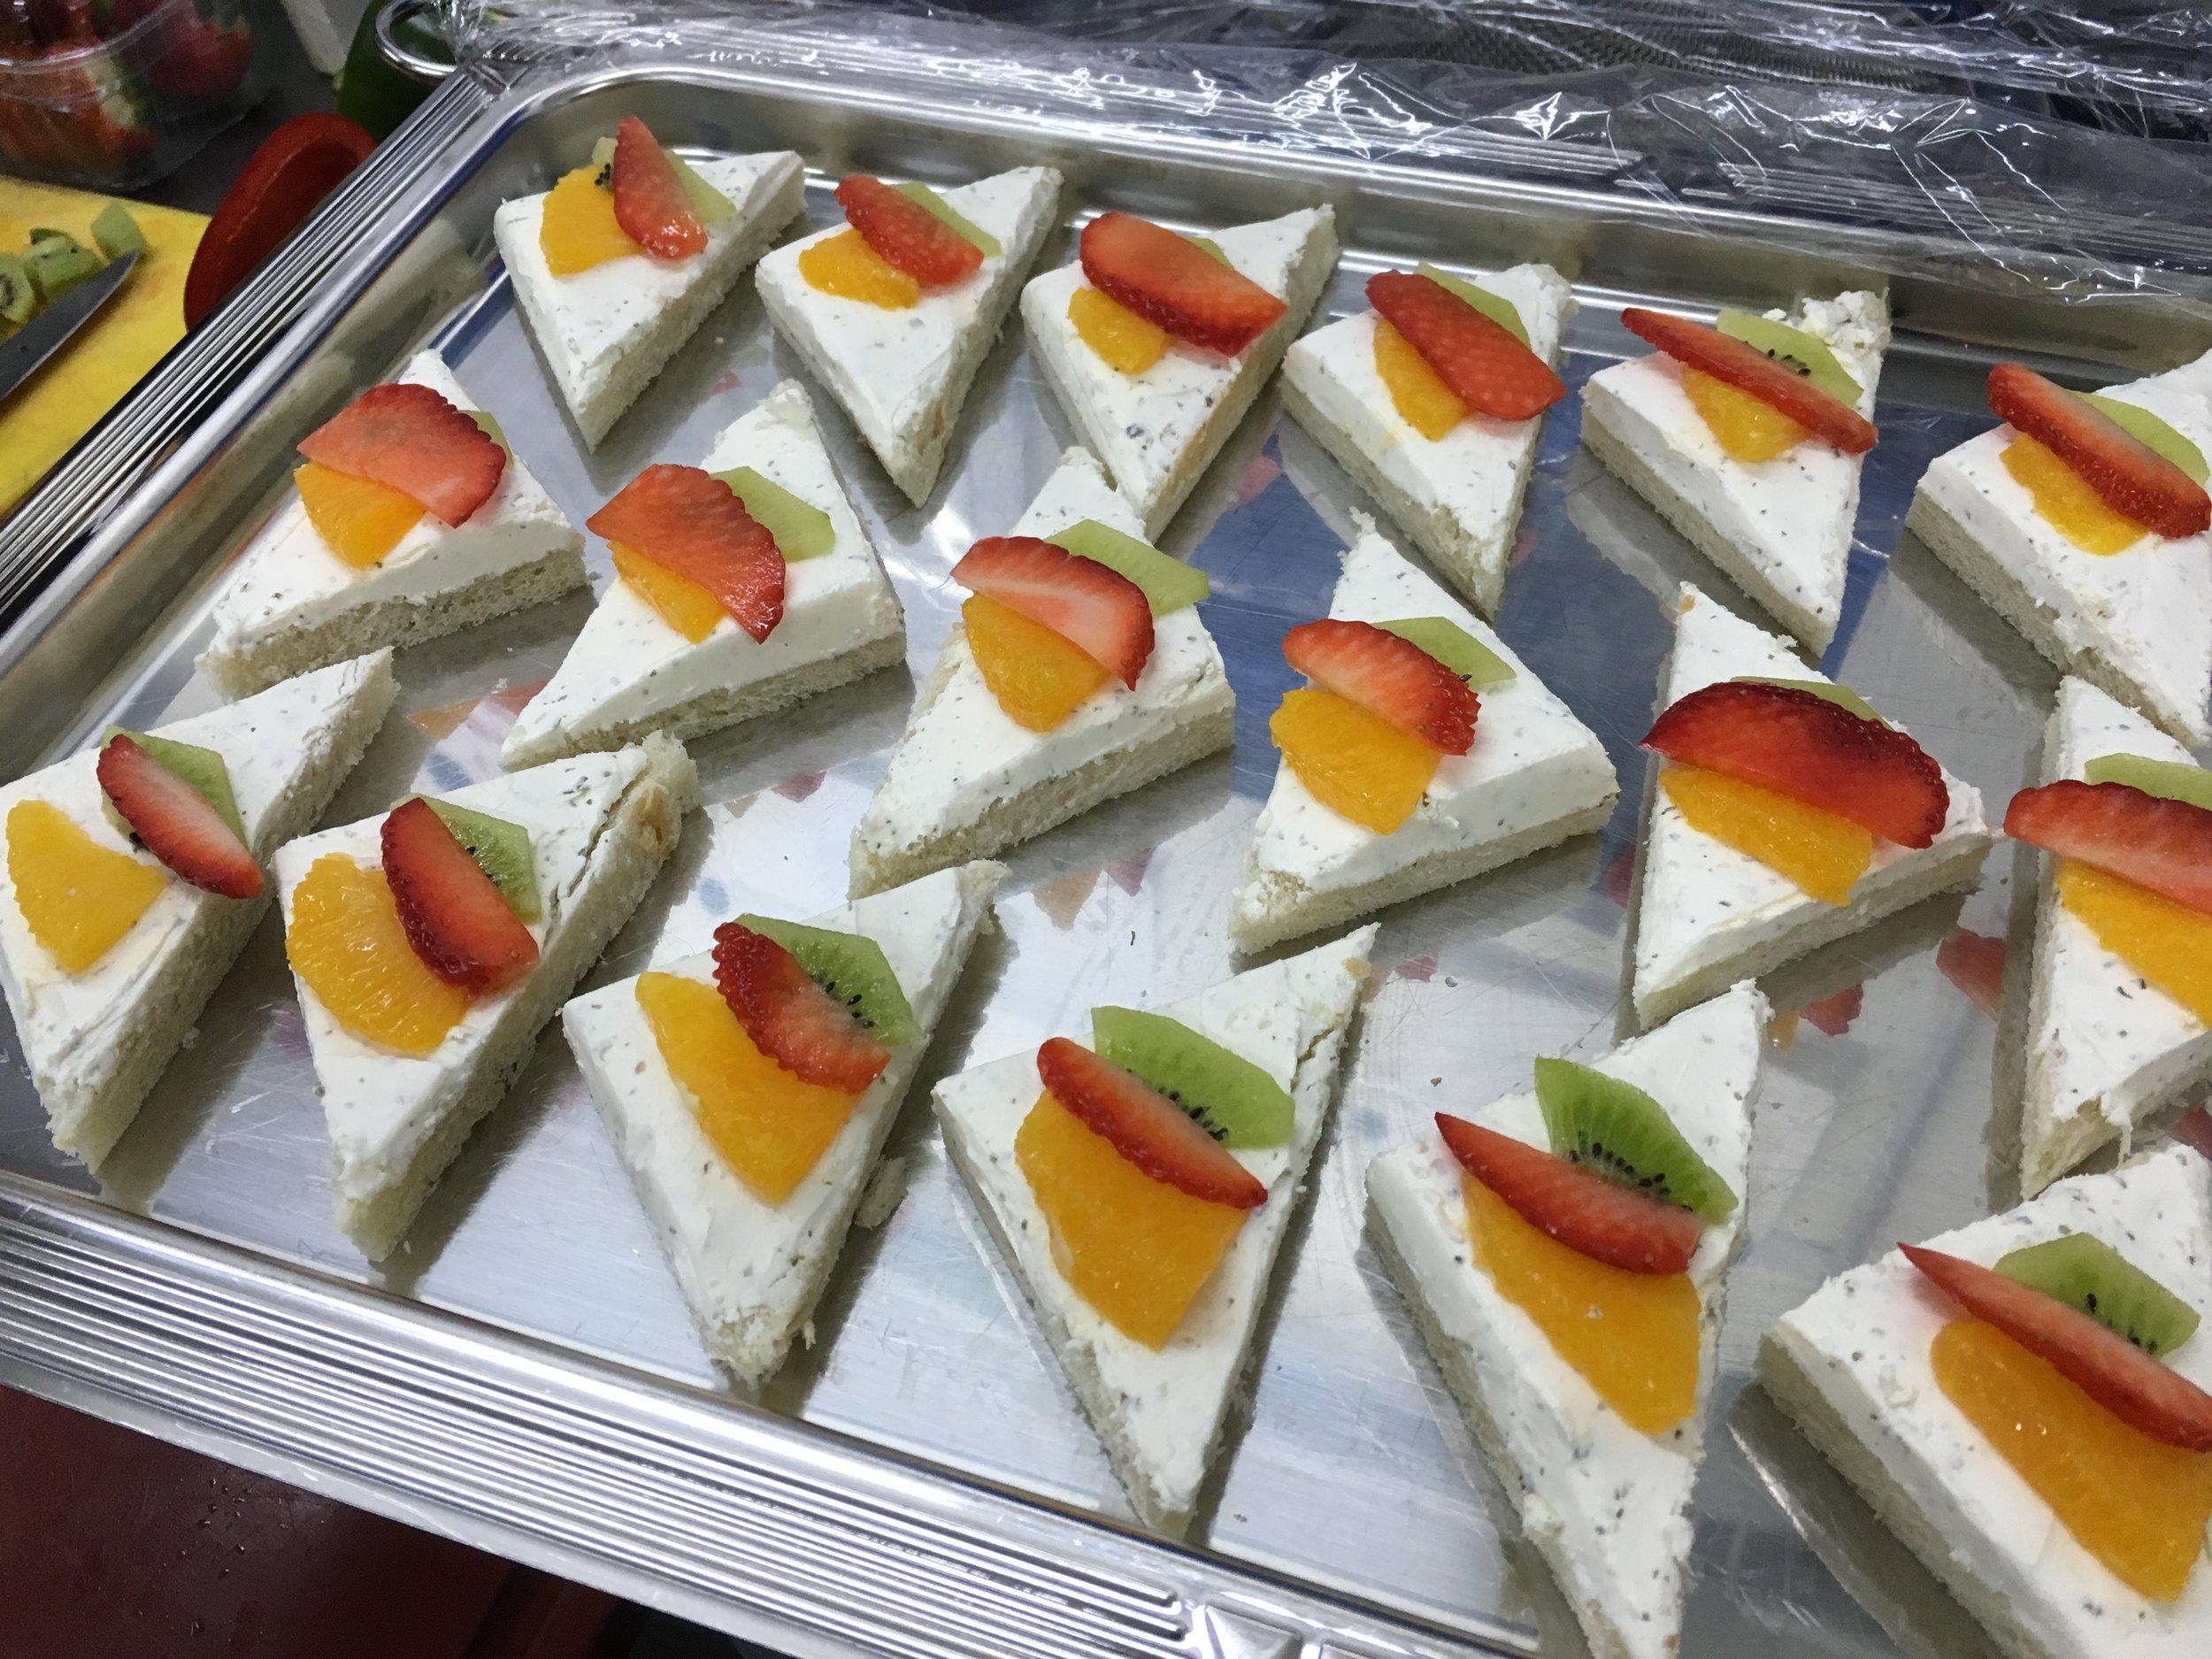 Canapées mit Frischkäse.JPG